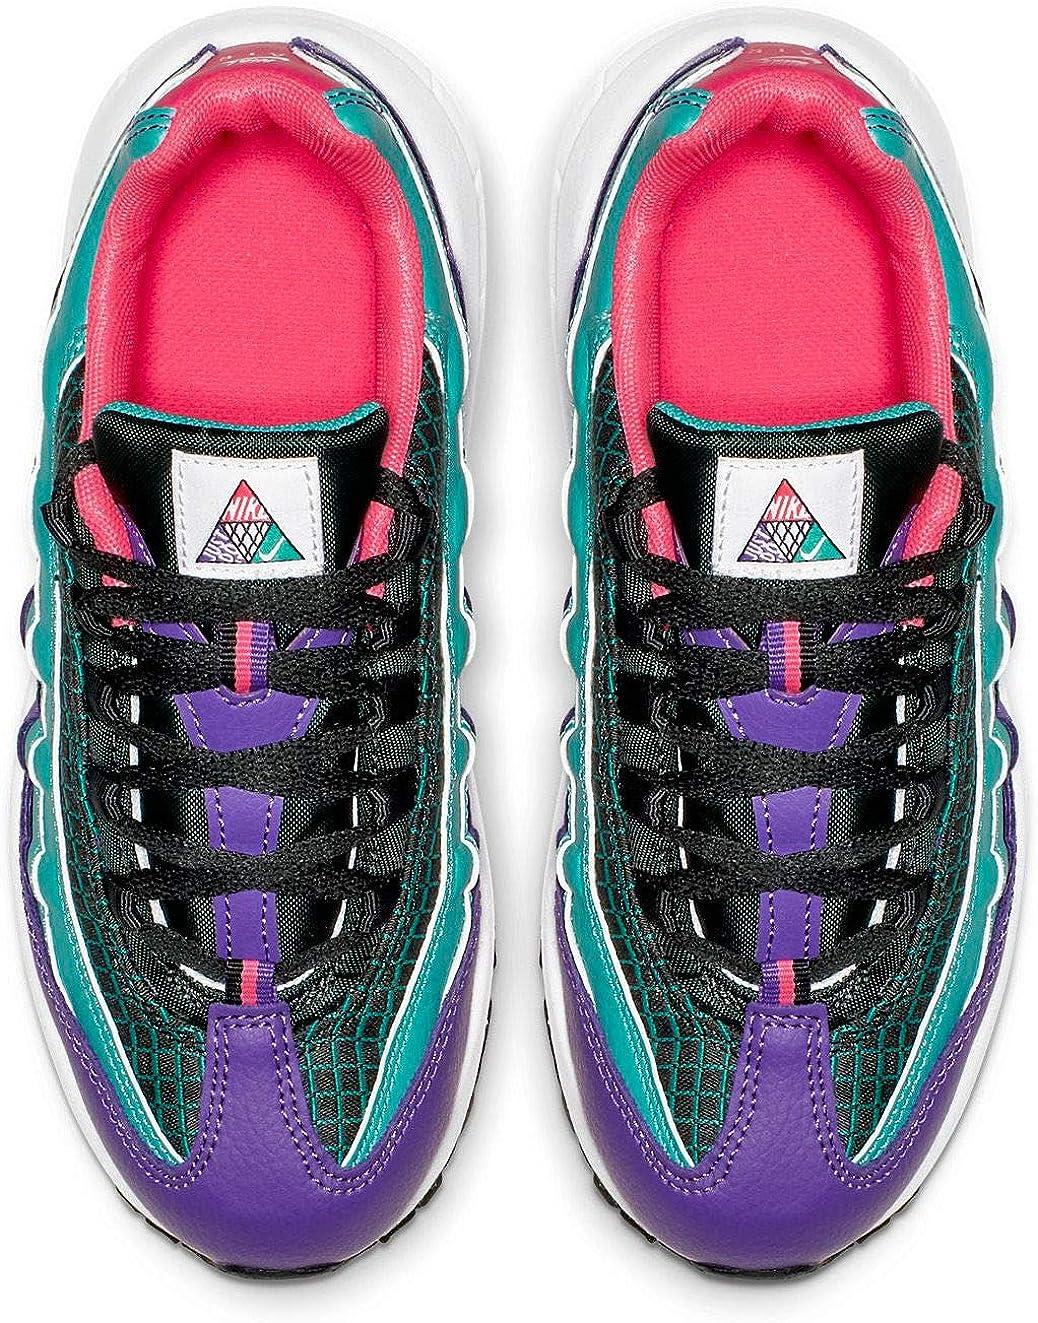 Nike Air Max 95 Now Kids Big Kids Bq7219-300 Size 1